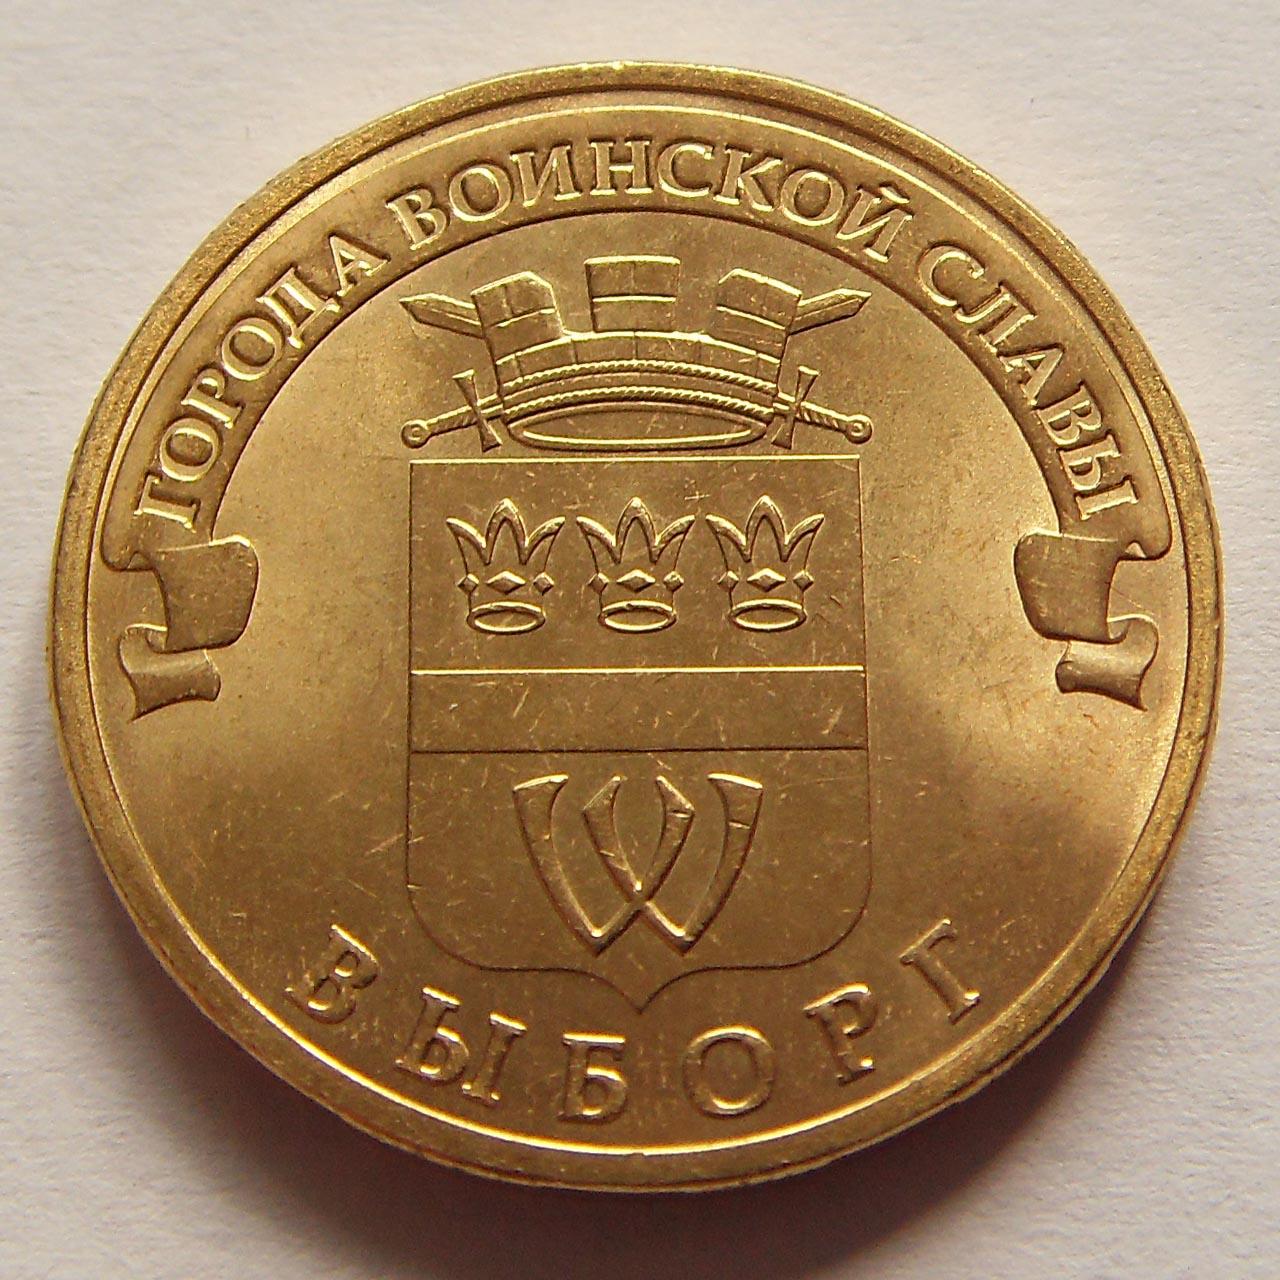 Монета Выборг 2014 года 10 рублей - реверс